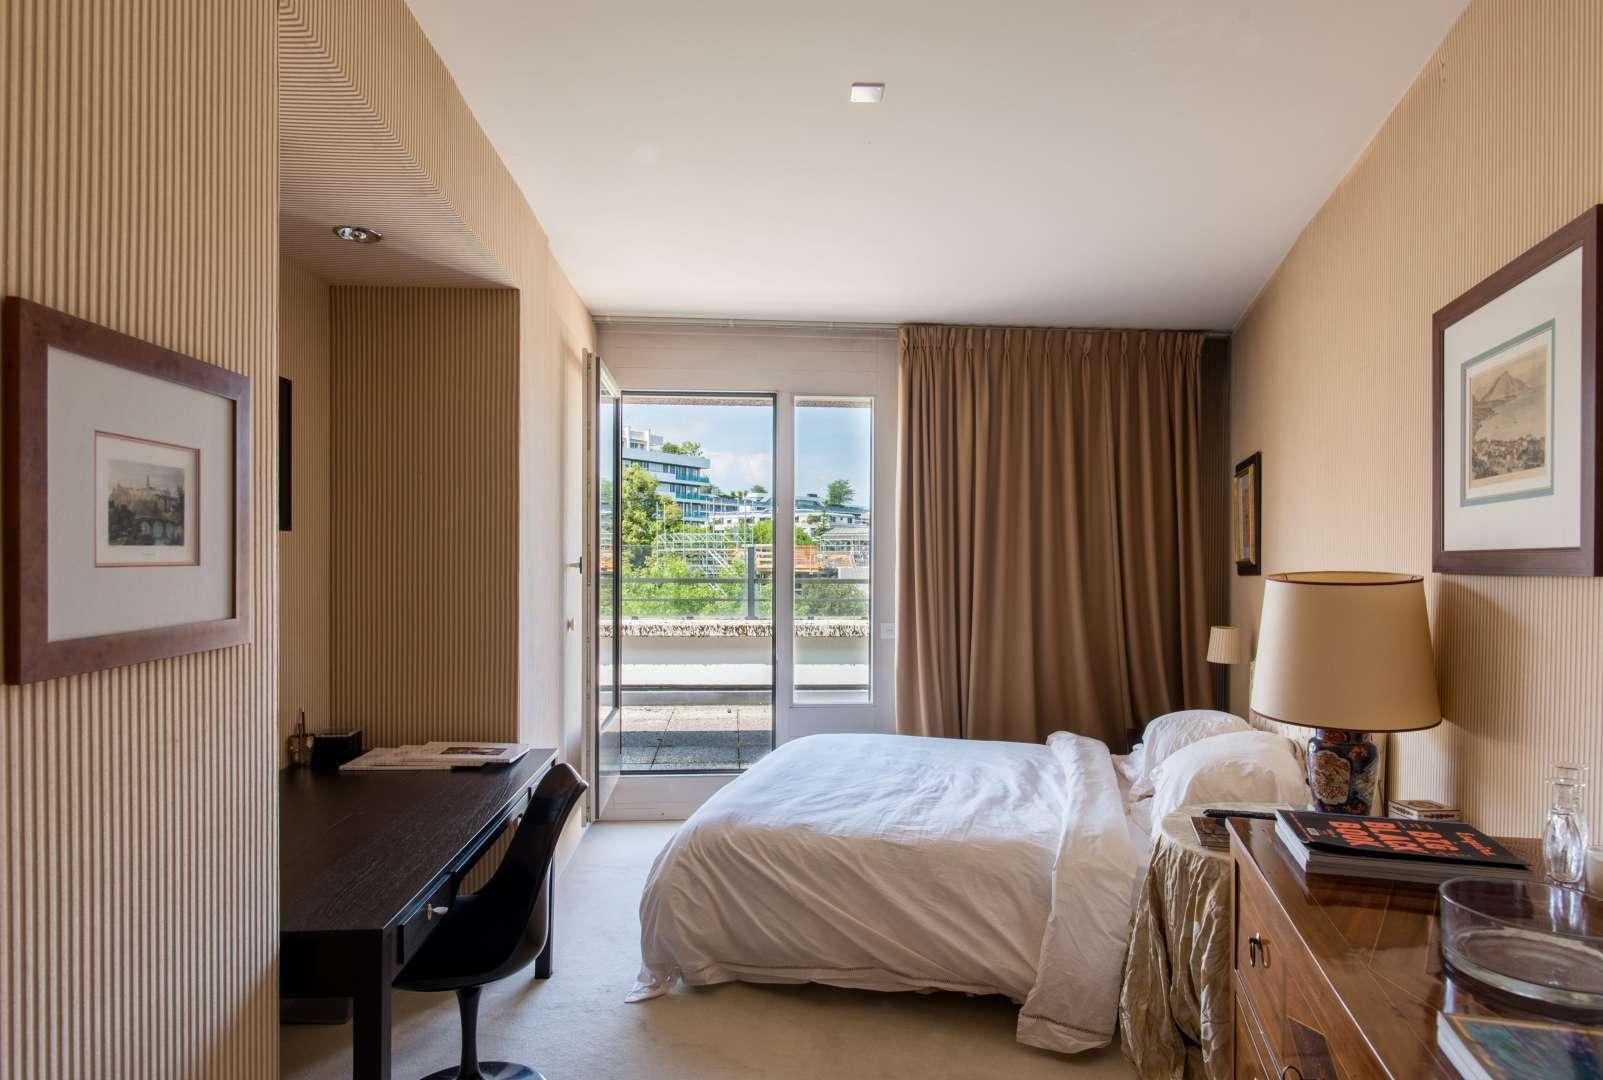 Achat appartement, Genève, 5 pièces, 257 m², ref 2497578